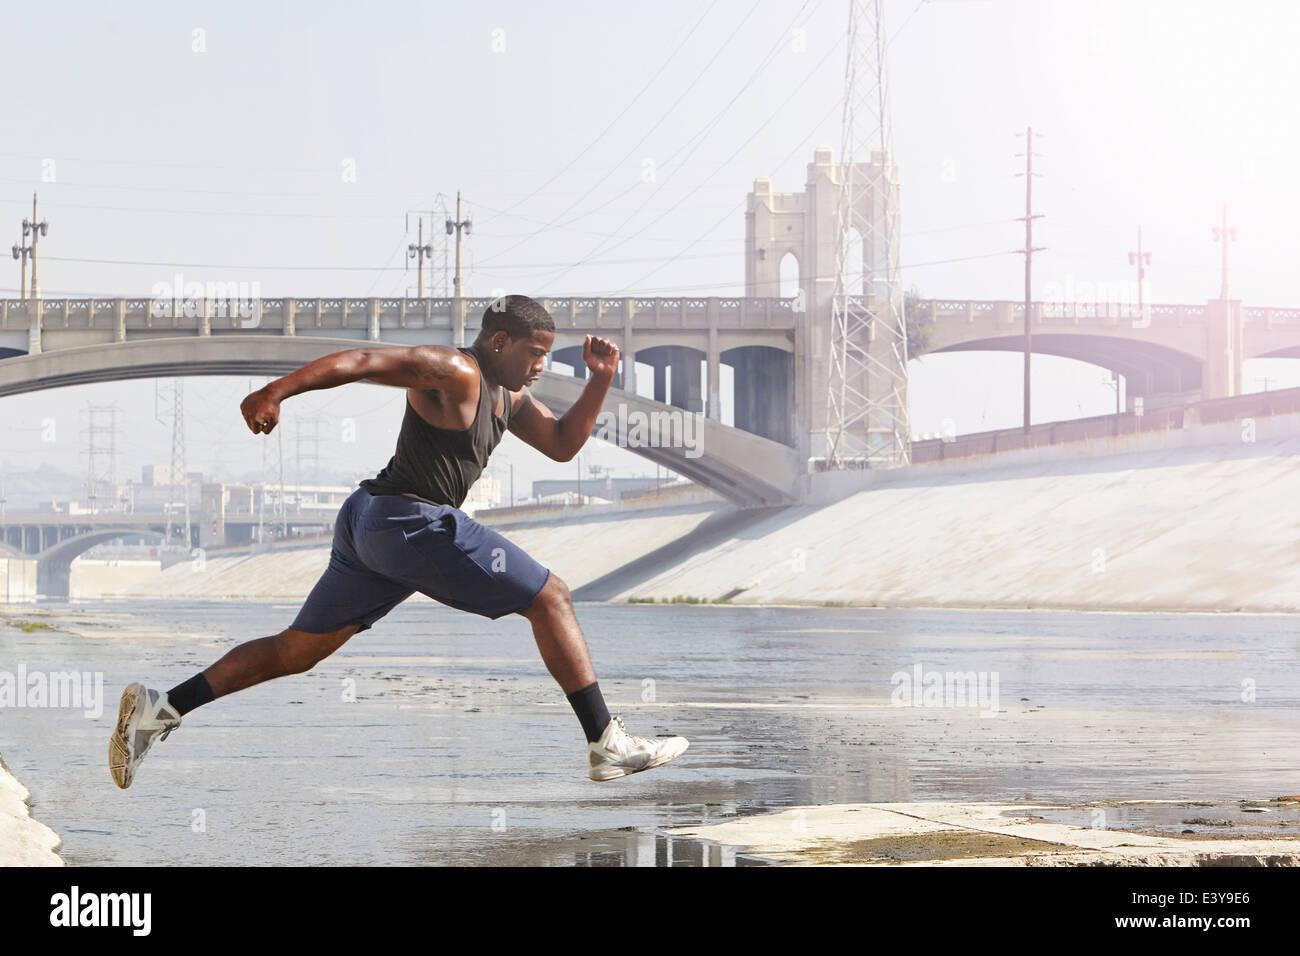 Velocidad joven correr y saltar desde la orilla Imagen De Stock